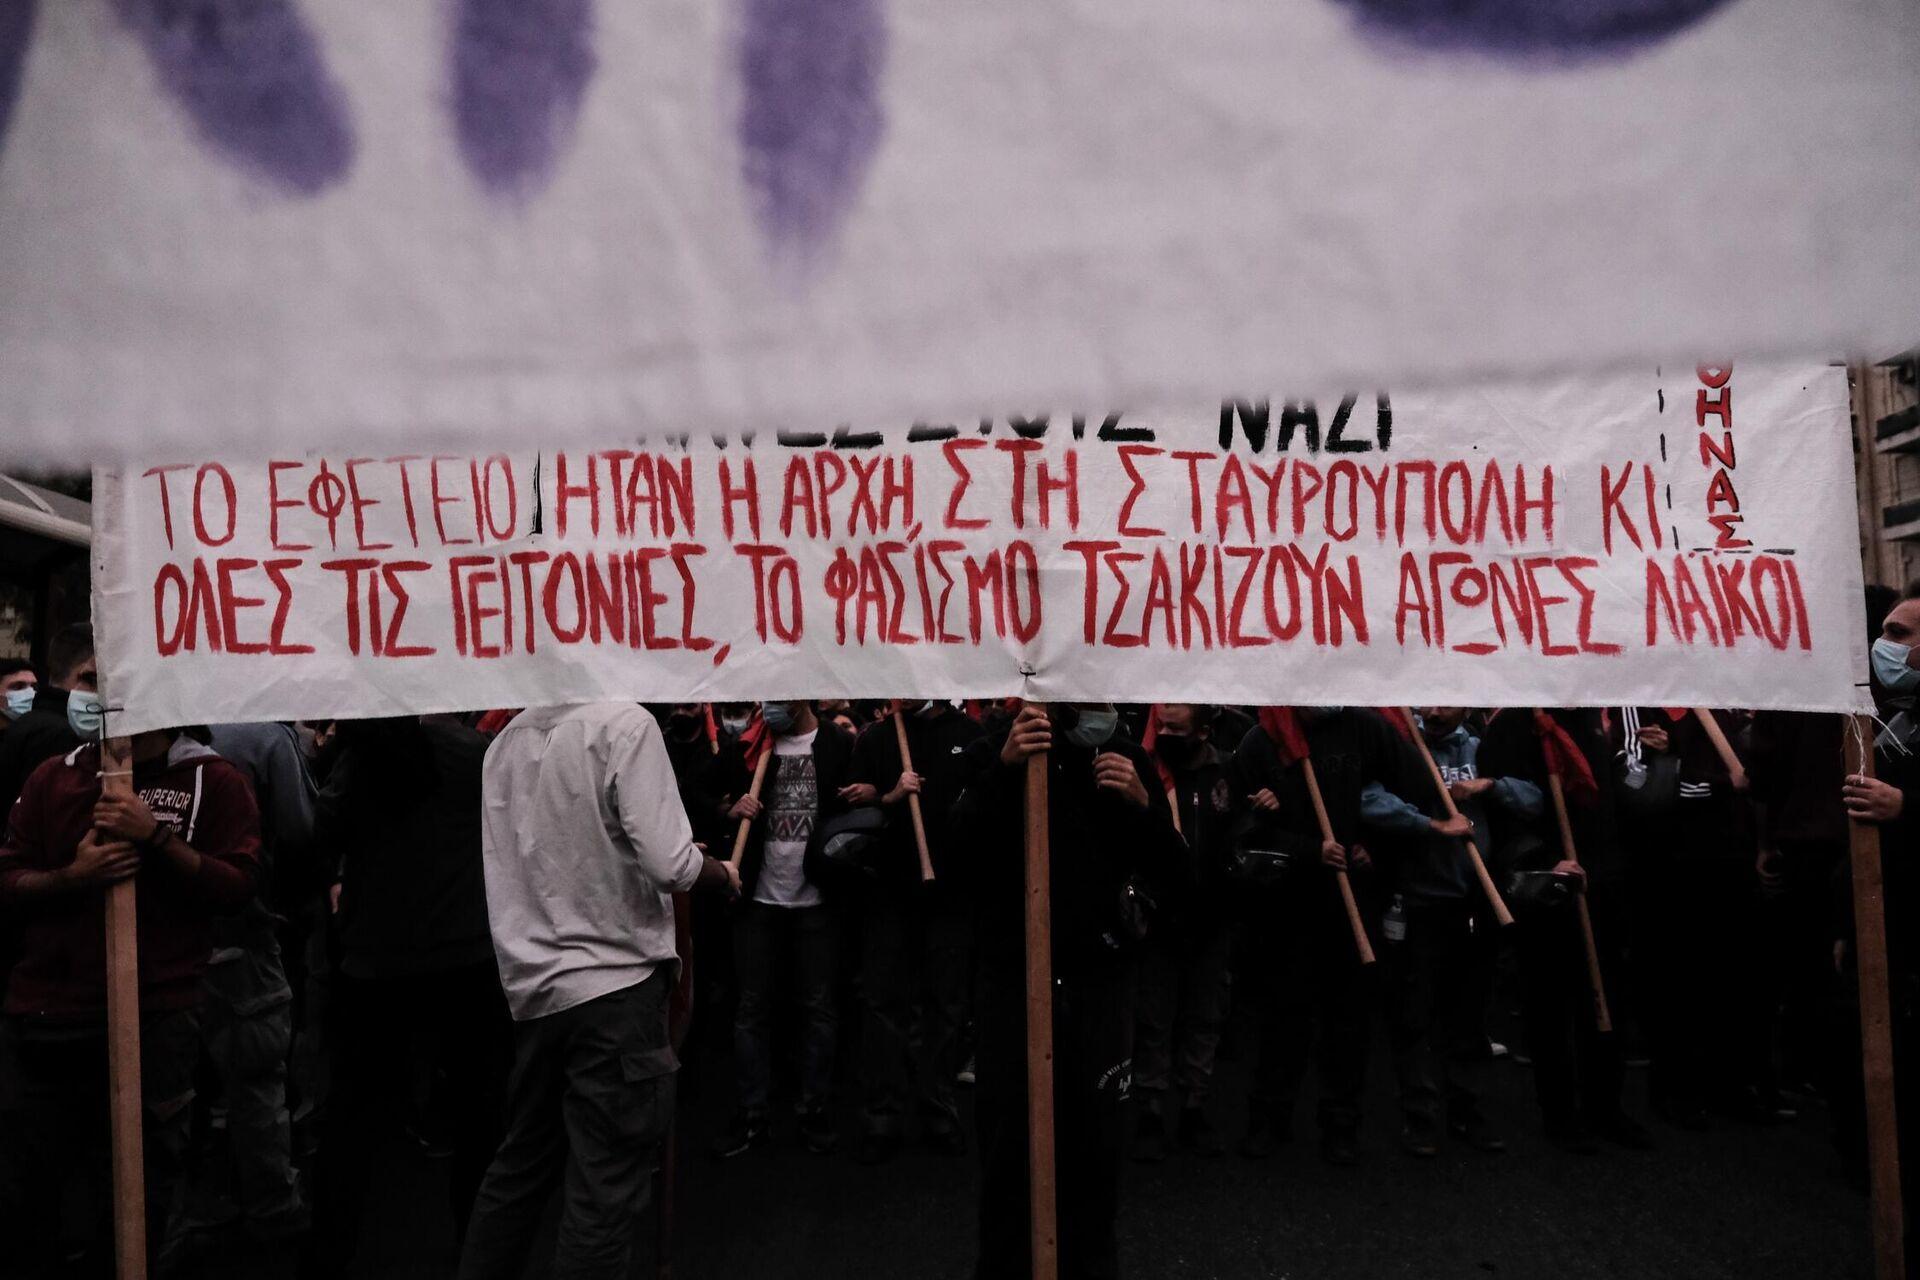 Αντιφασιστική συγκέντρωση και πορεία για τη συμπλήρωση ενός χρόνου από το τέλος της Δίκης της Χρυσής Αυγής - Sputnik Ελλάδα, 1920, 07.10.2021